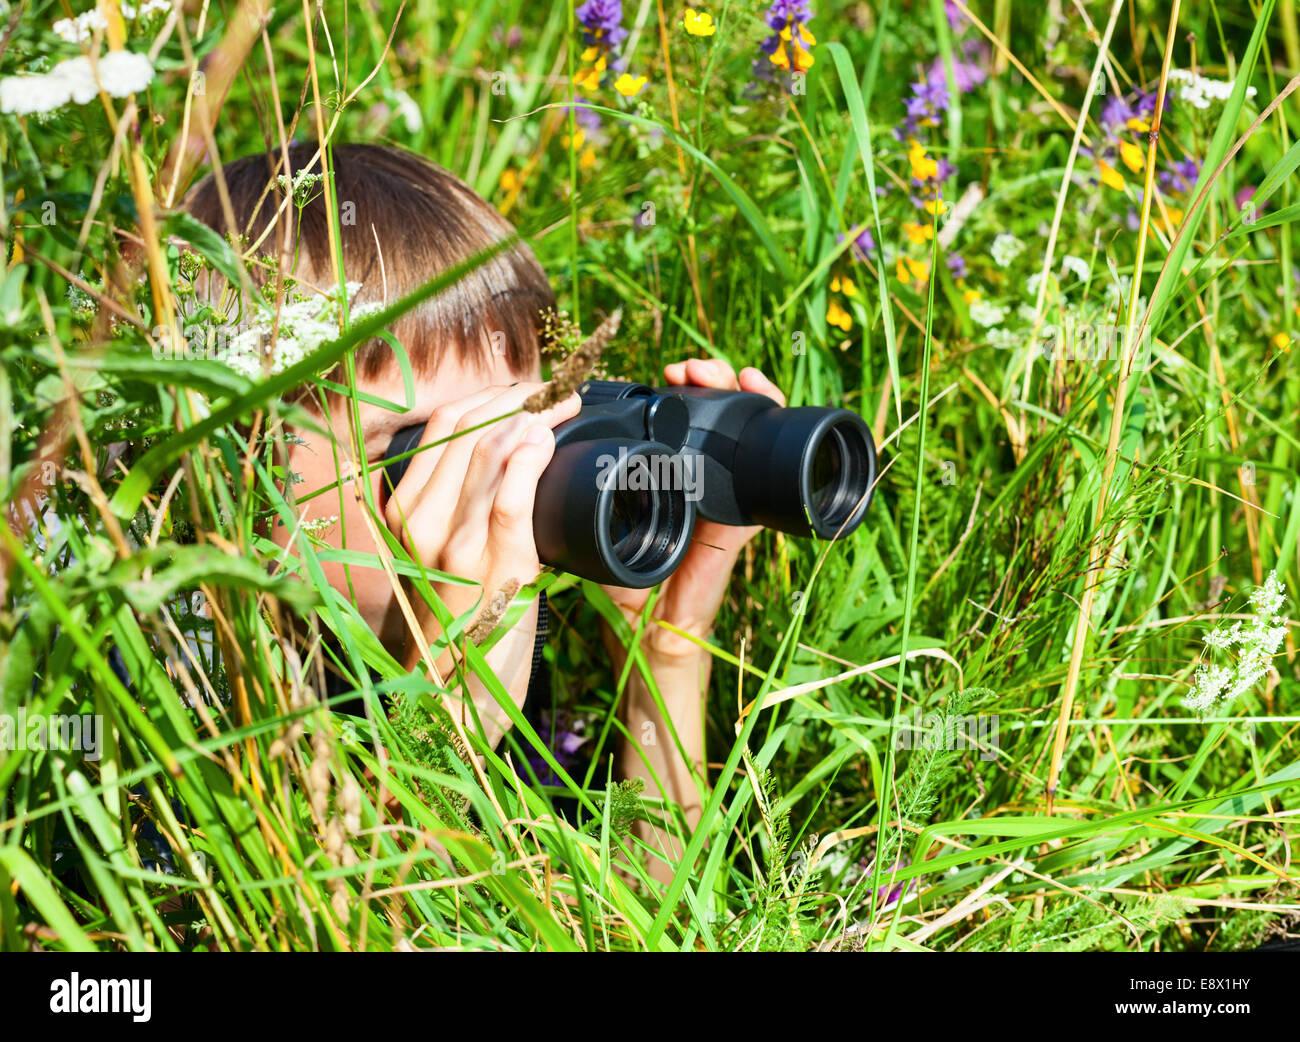 Boy hiding in grass looking through binoculars outdoor - Stock Image